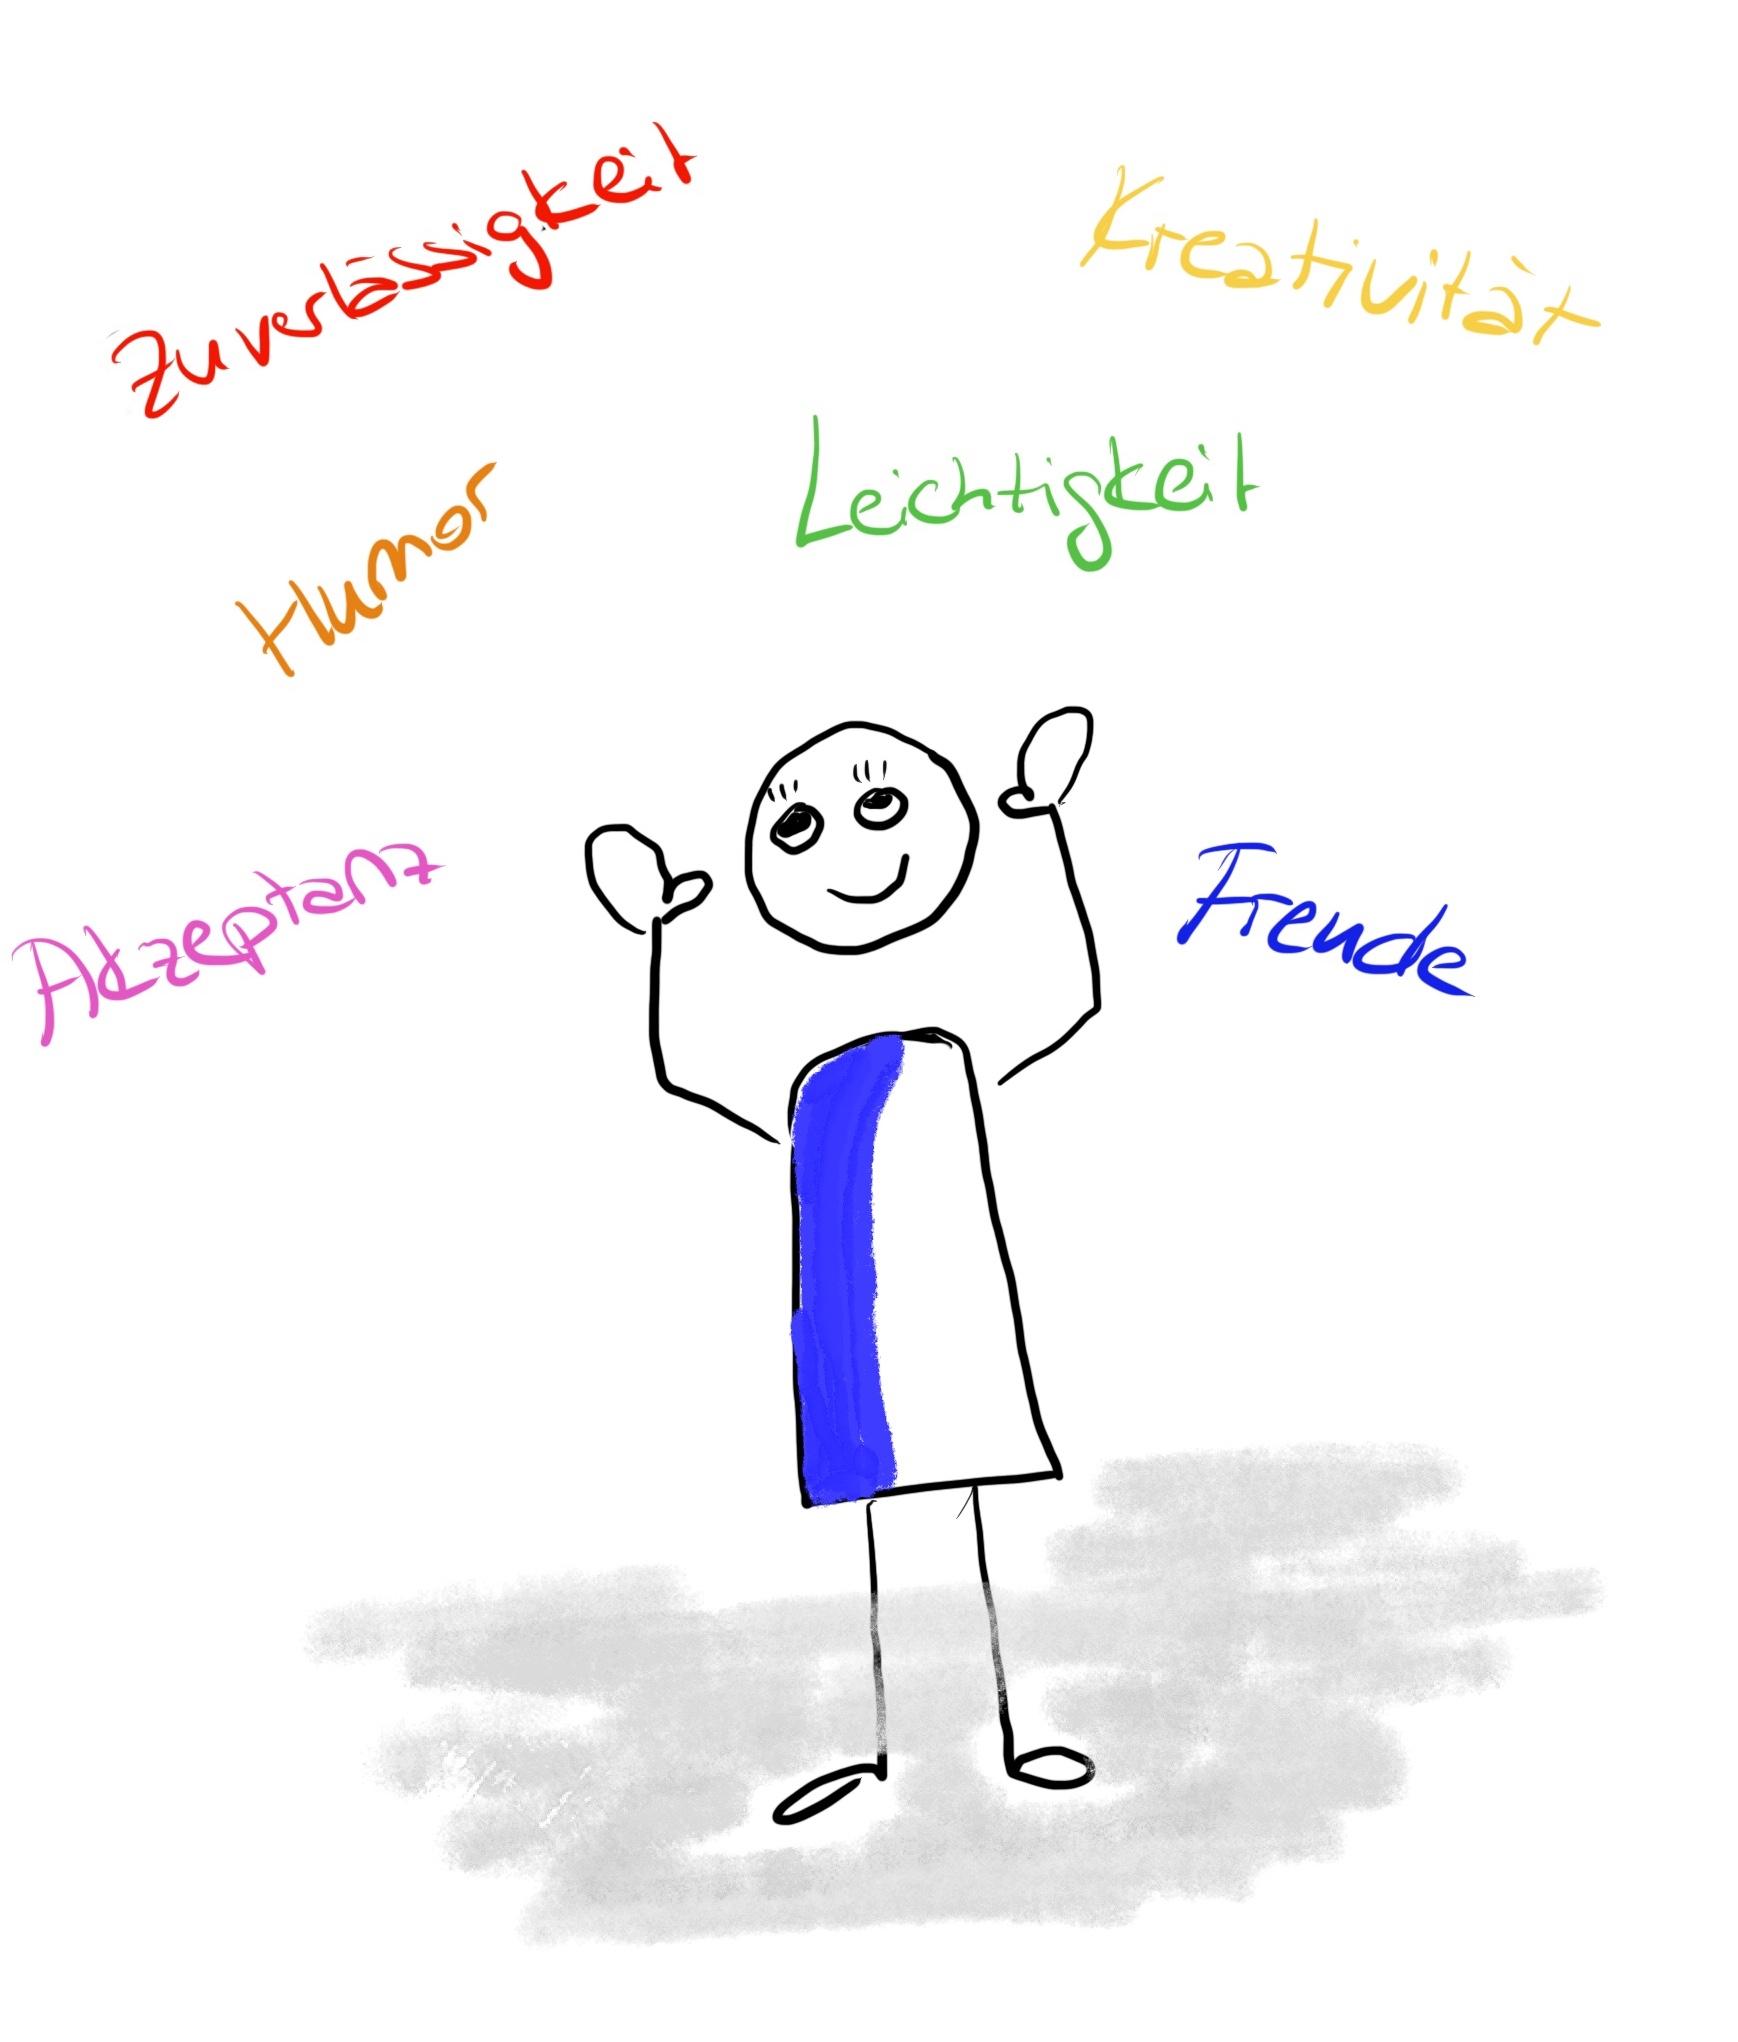 Jeder hat Werte und die Grundwerte sind unverhandelbar.